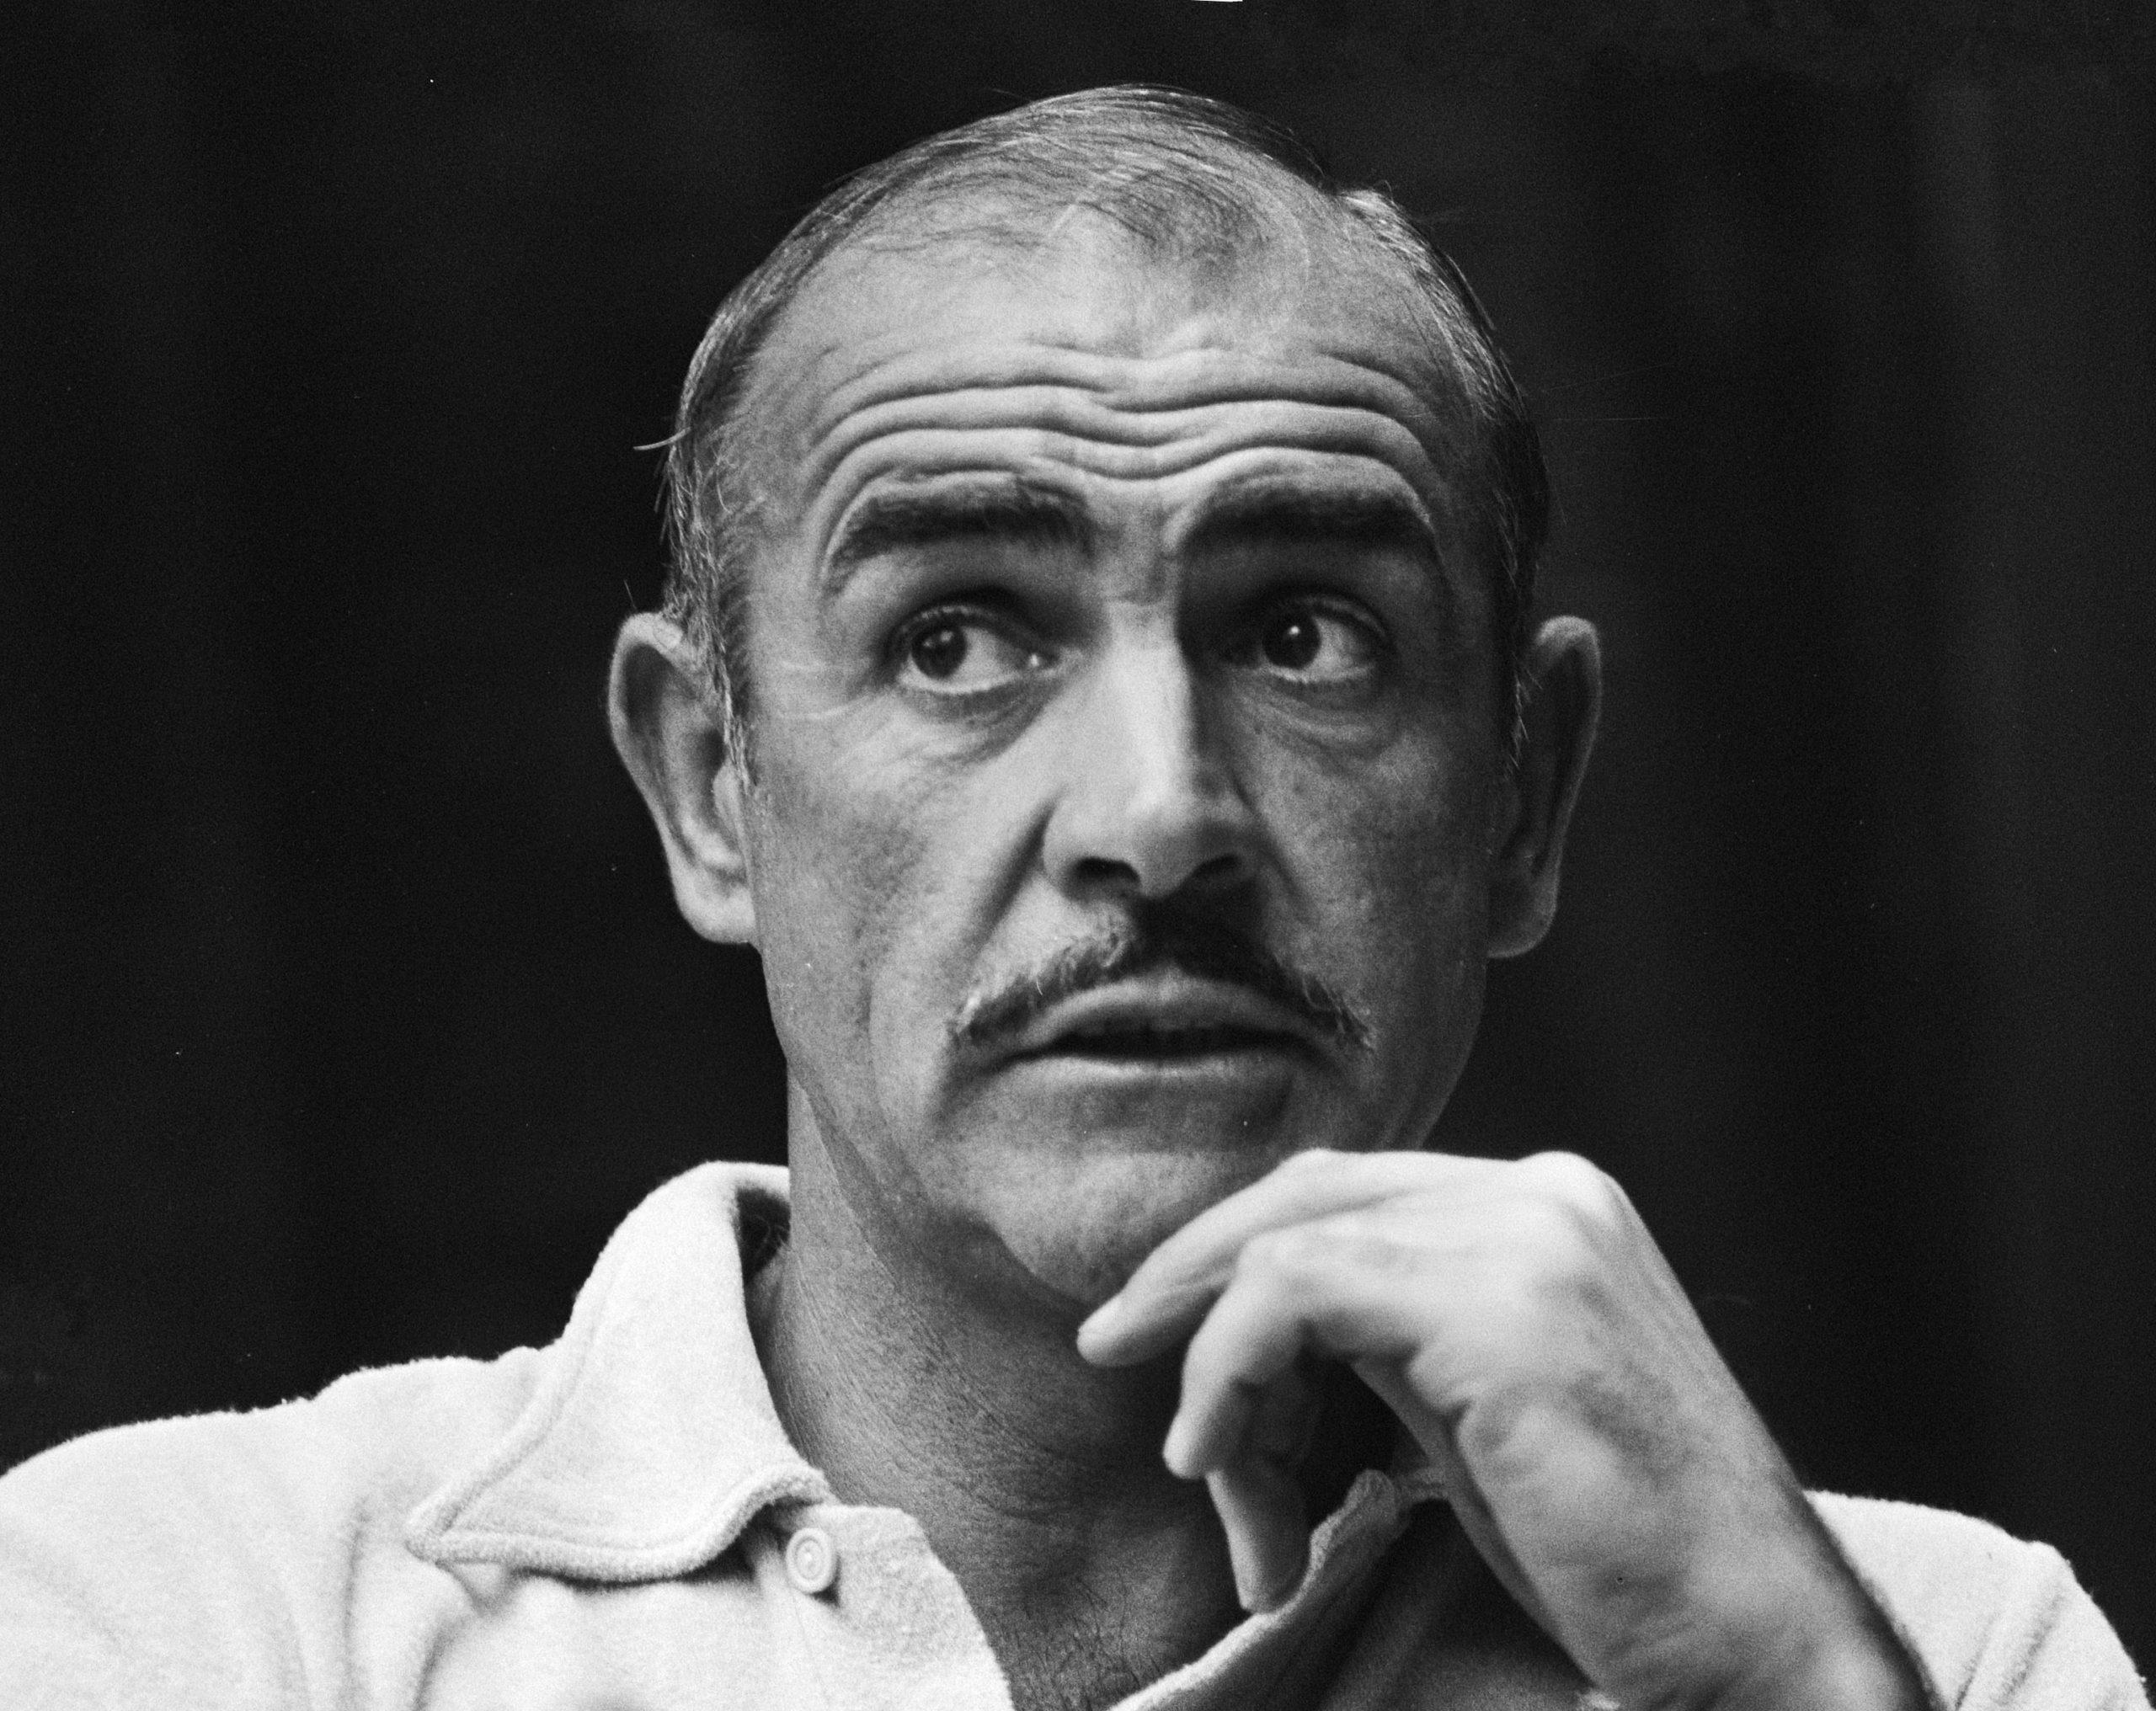 Doliu în cinematografie! A murit Sir Sean Connery